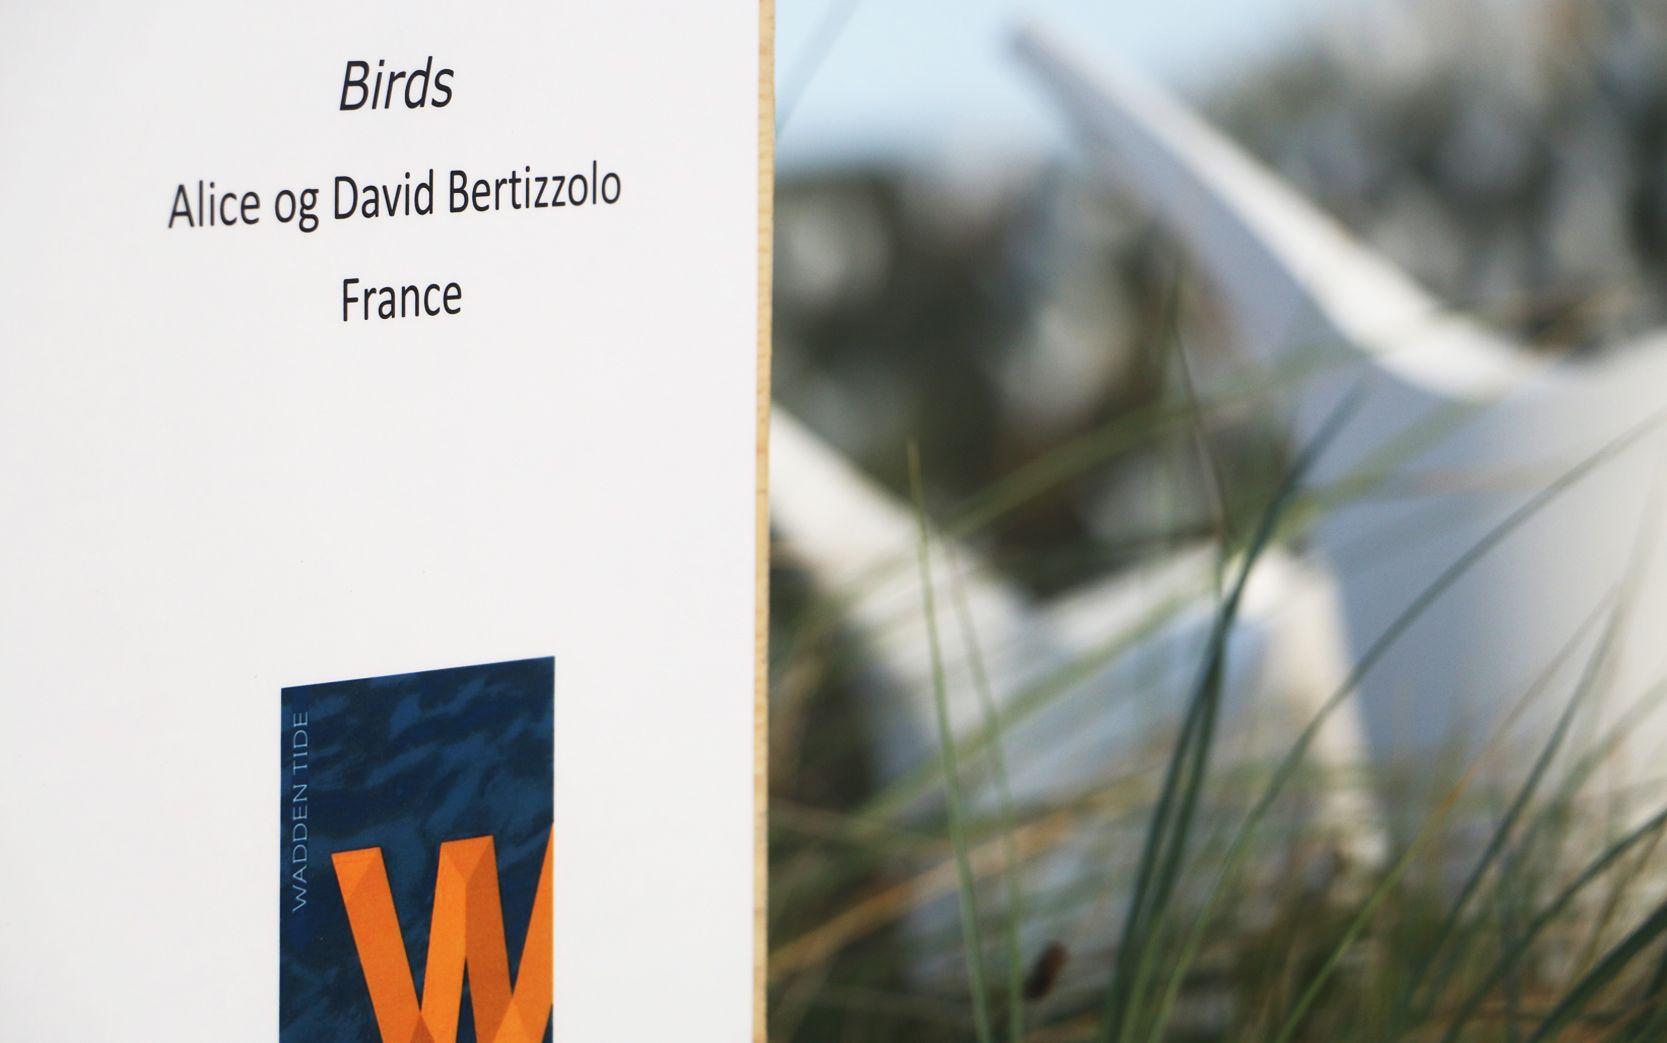 Birds Alice et David Bertizzolo - Festival Wadden tide 2016 - blavand - danemark en aout 2016 : panneau birds